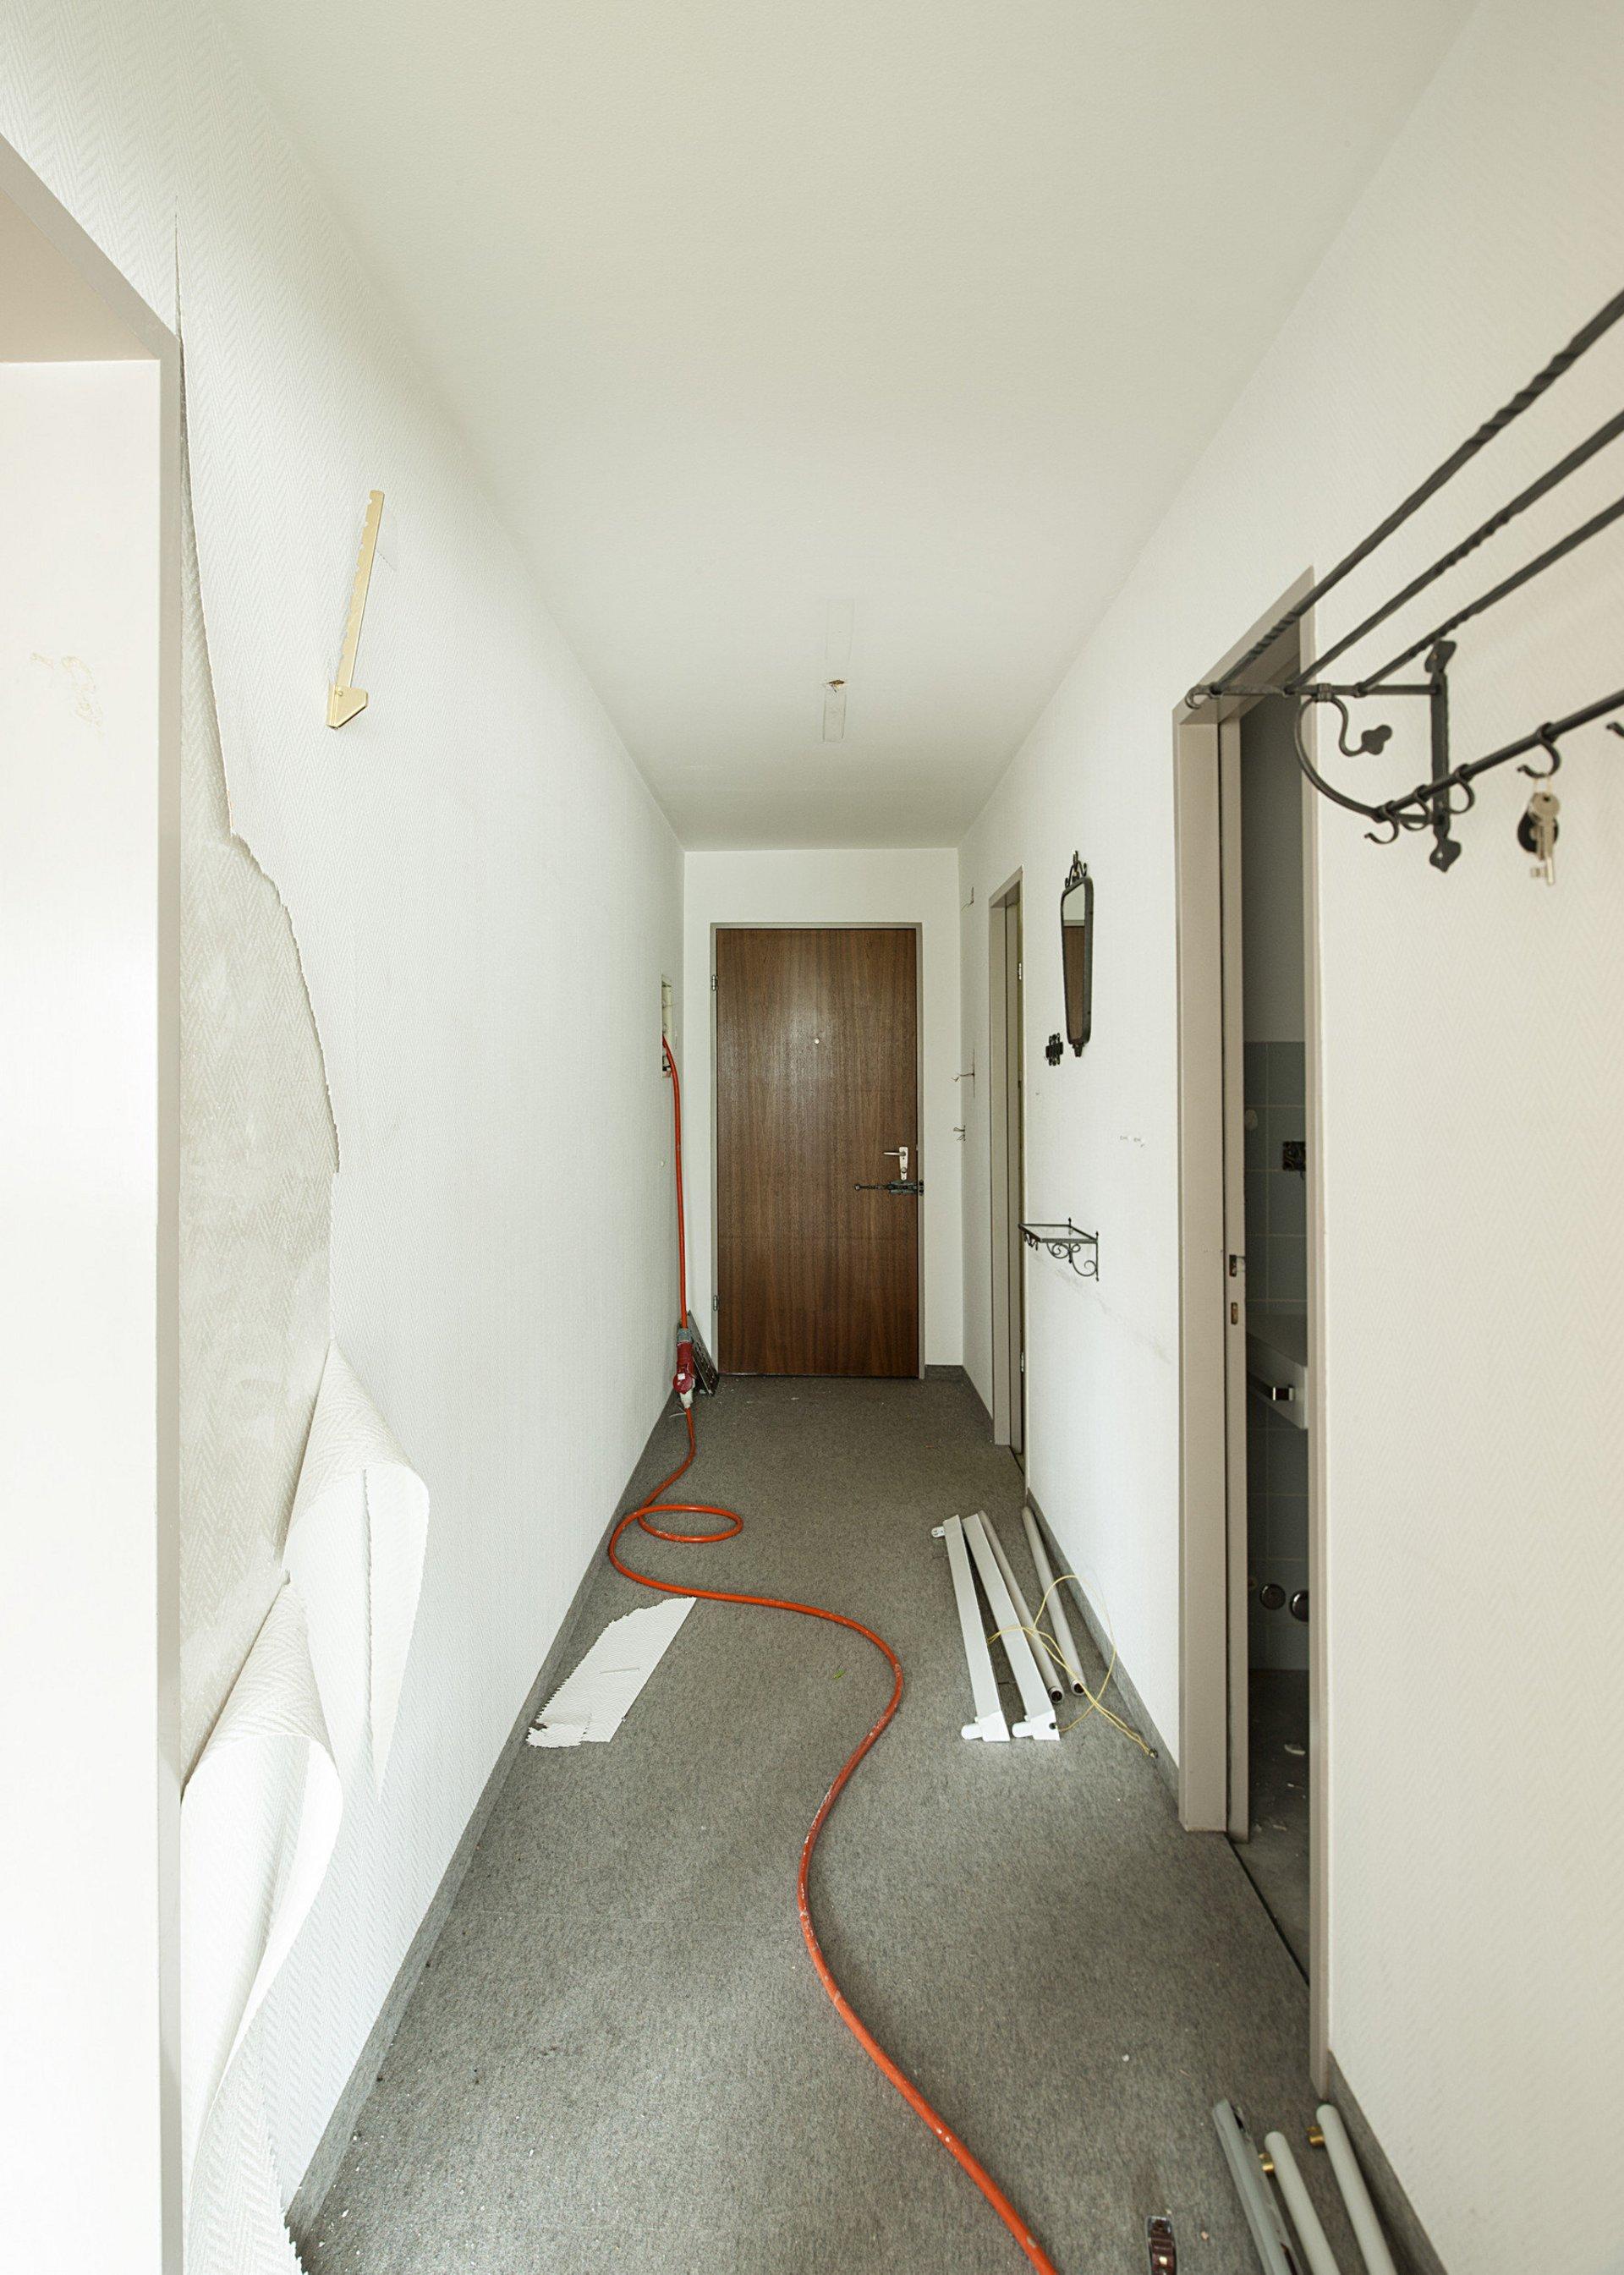 alter Flur mit grauem Teppichboden und dunkler Holztüre im Umbau